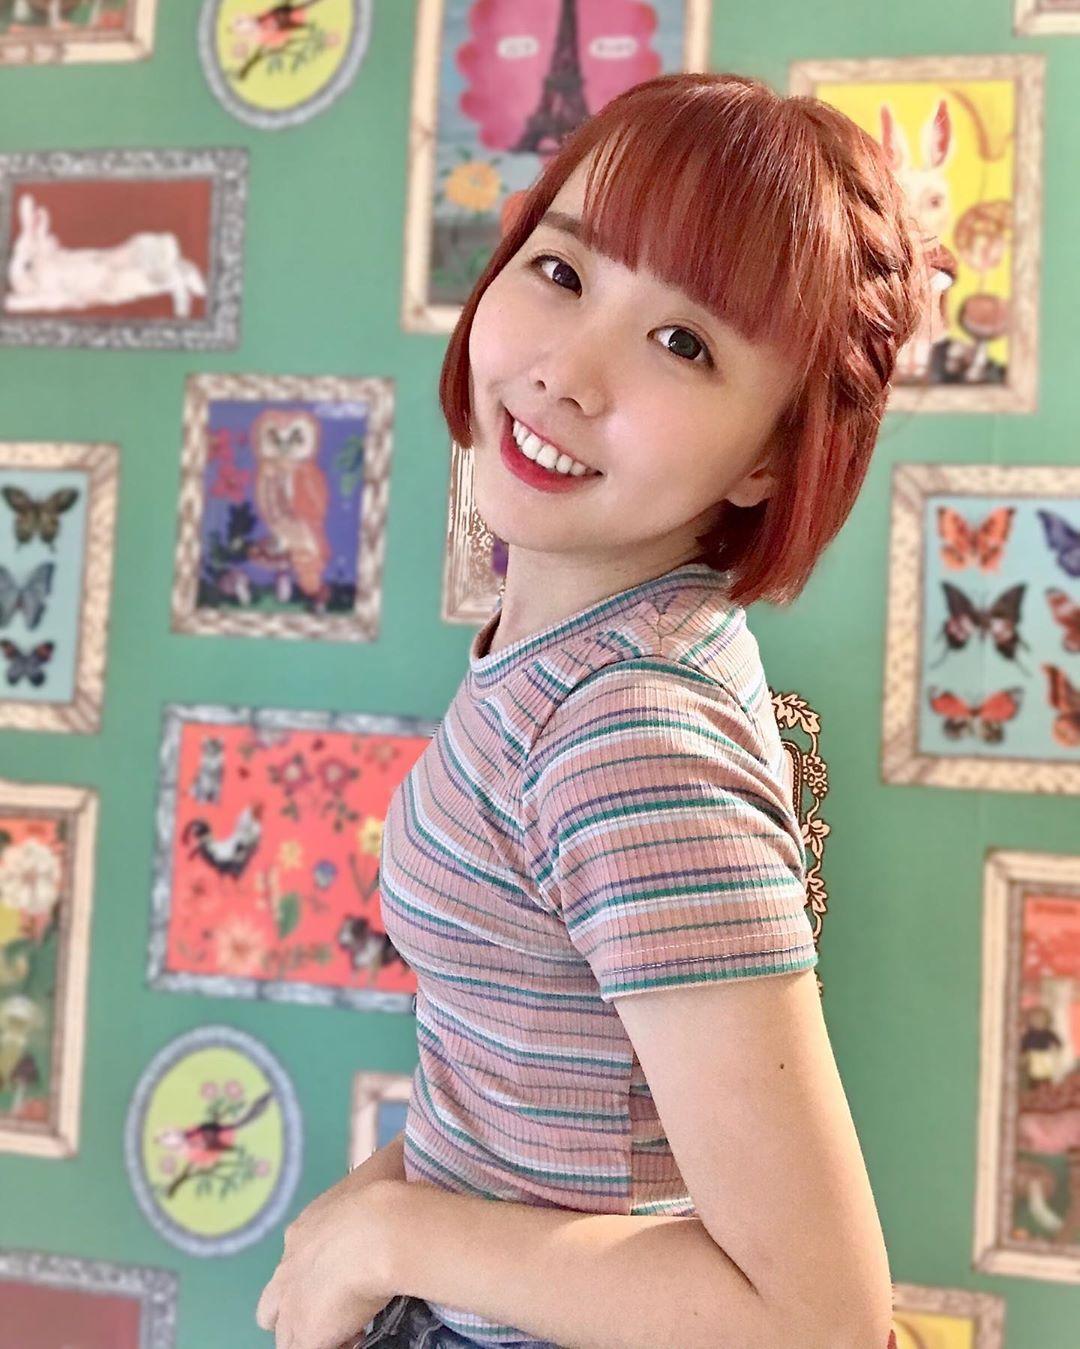 鄉民問卦「最想約會的YouTuber」排名 網首推「身材超辣」韓妞…愛莉莎莎呼聲超高!